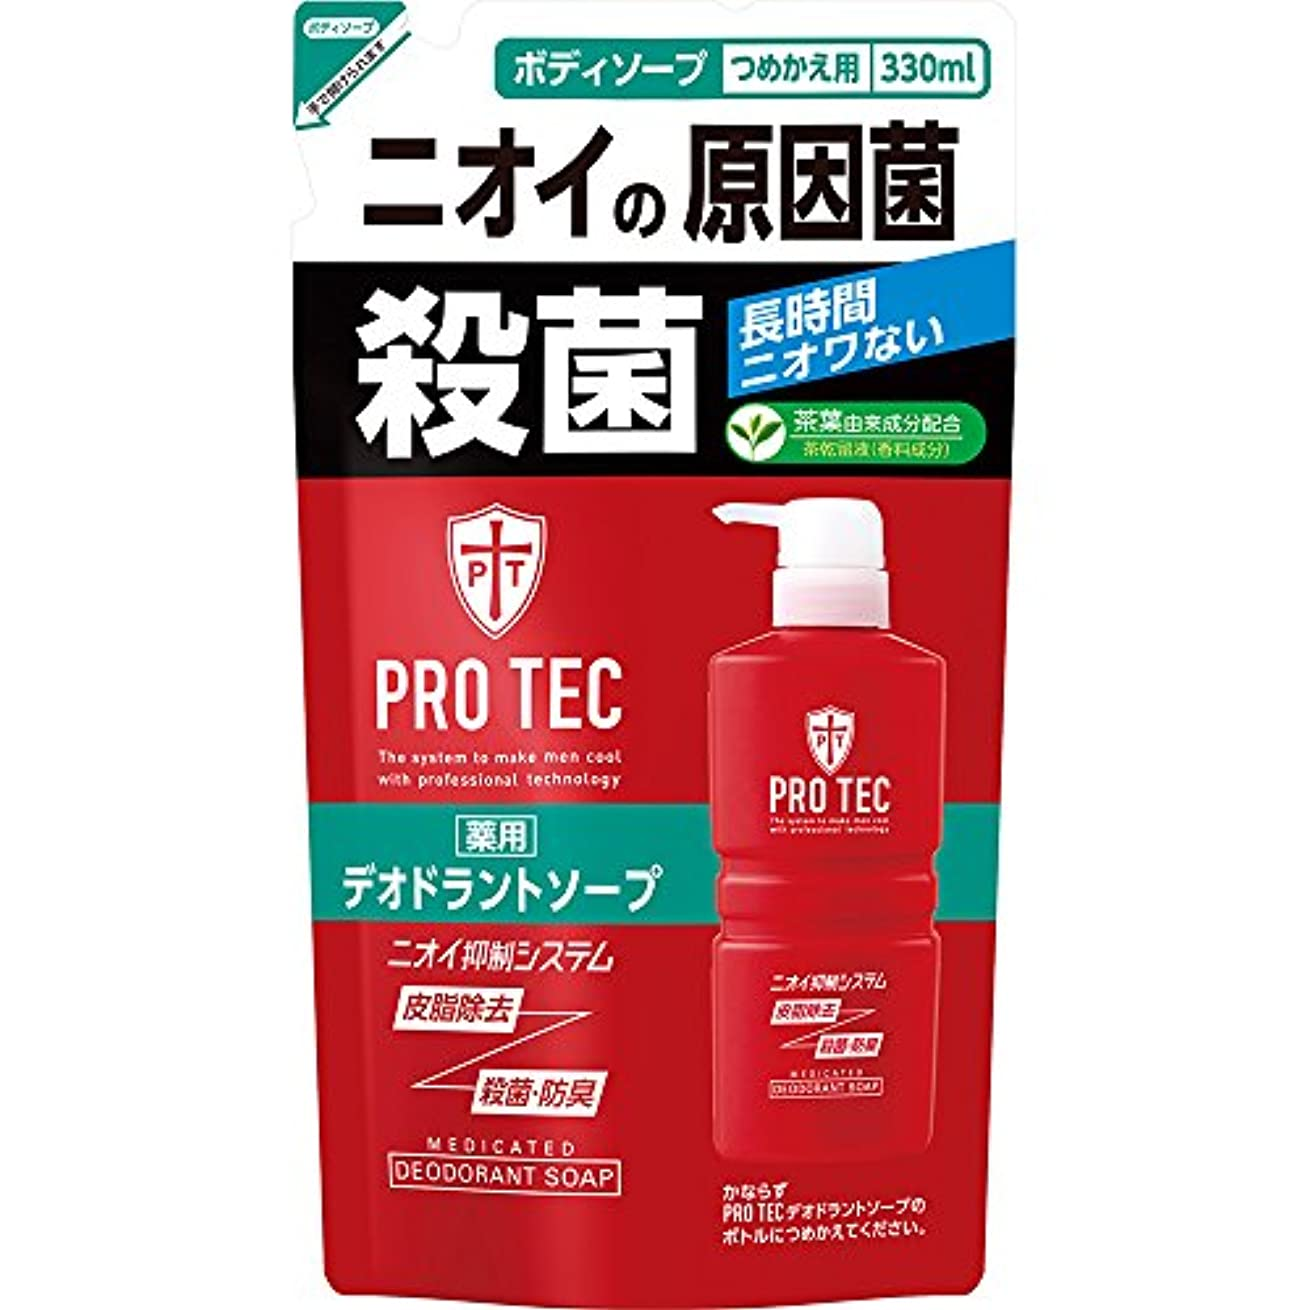 ピクニック時系列謎めいたPRO TEC(プロテク) デオドラントソープ 詰め替え 330ml(医薬部外品)